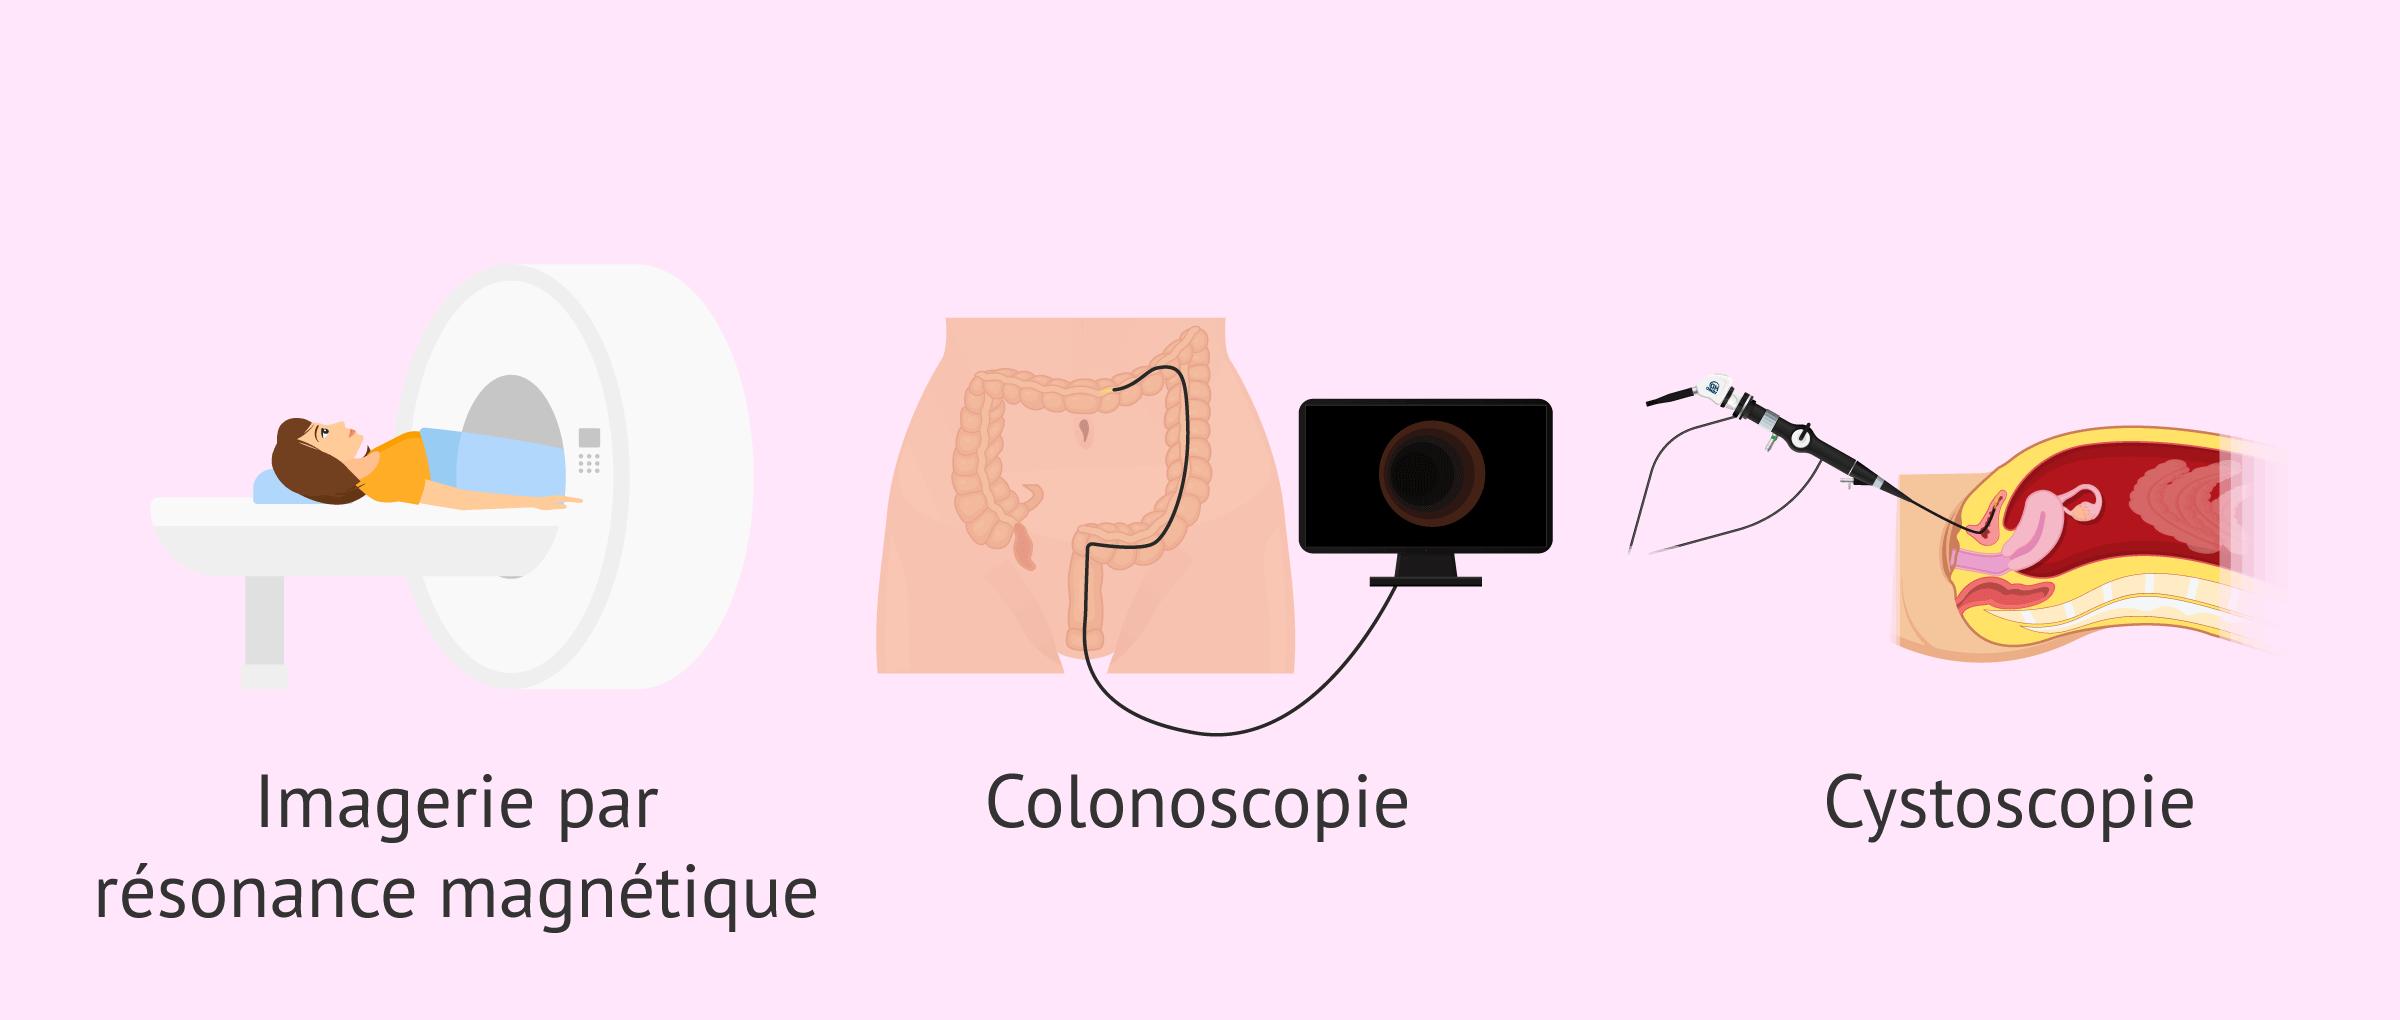 Imagen: Tests complémentaires pour diagnostiquer l'endométriose